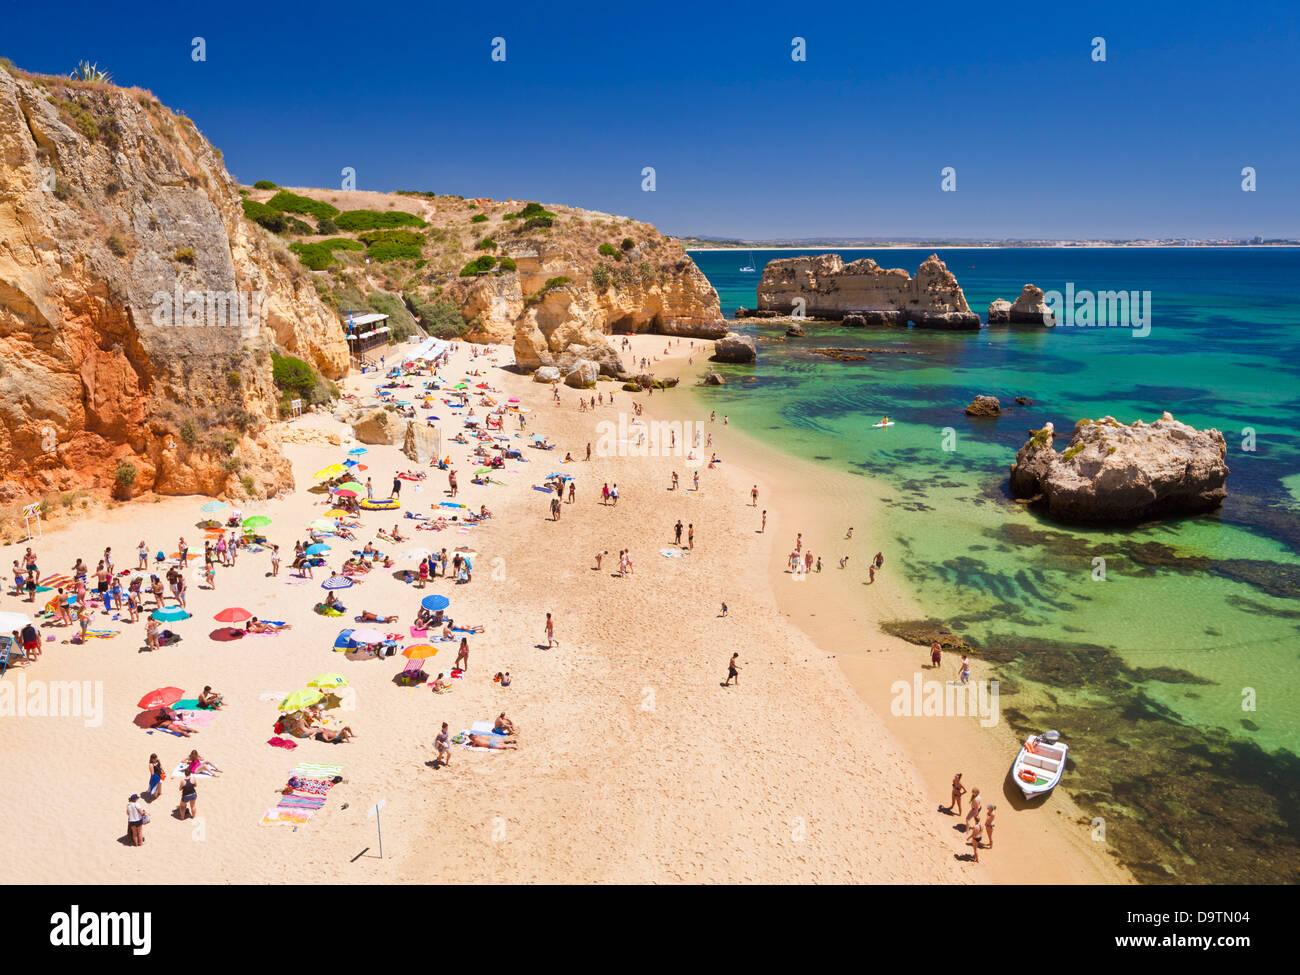 Reisen Urlauber Sonnenbaden am Praia da Dona Ana Sandstrand in der Nähe der Ferienort Lagos Algarve Portugal Stockbild